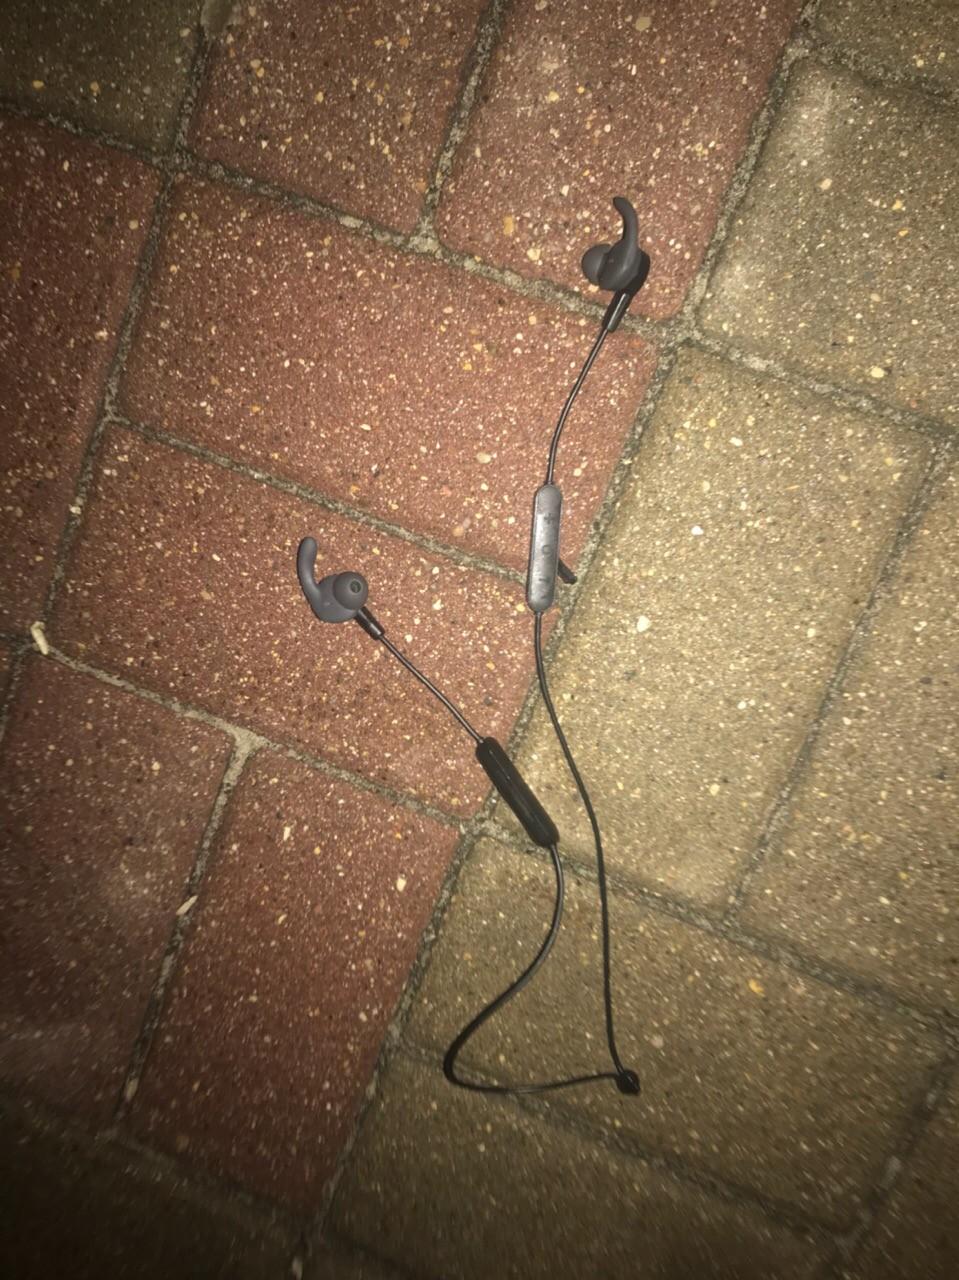 Нашли наушники на бульваре (18.09.19) Черные,HONOR Если что, пишите